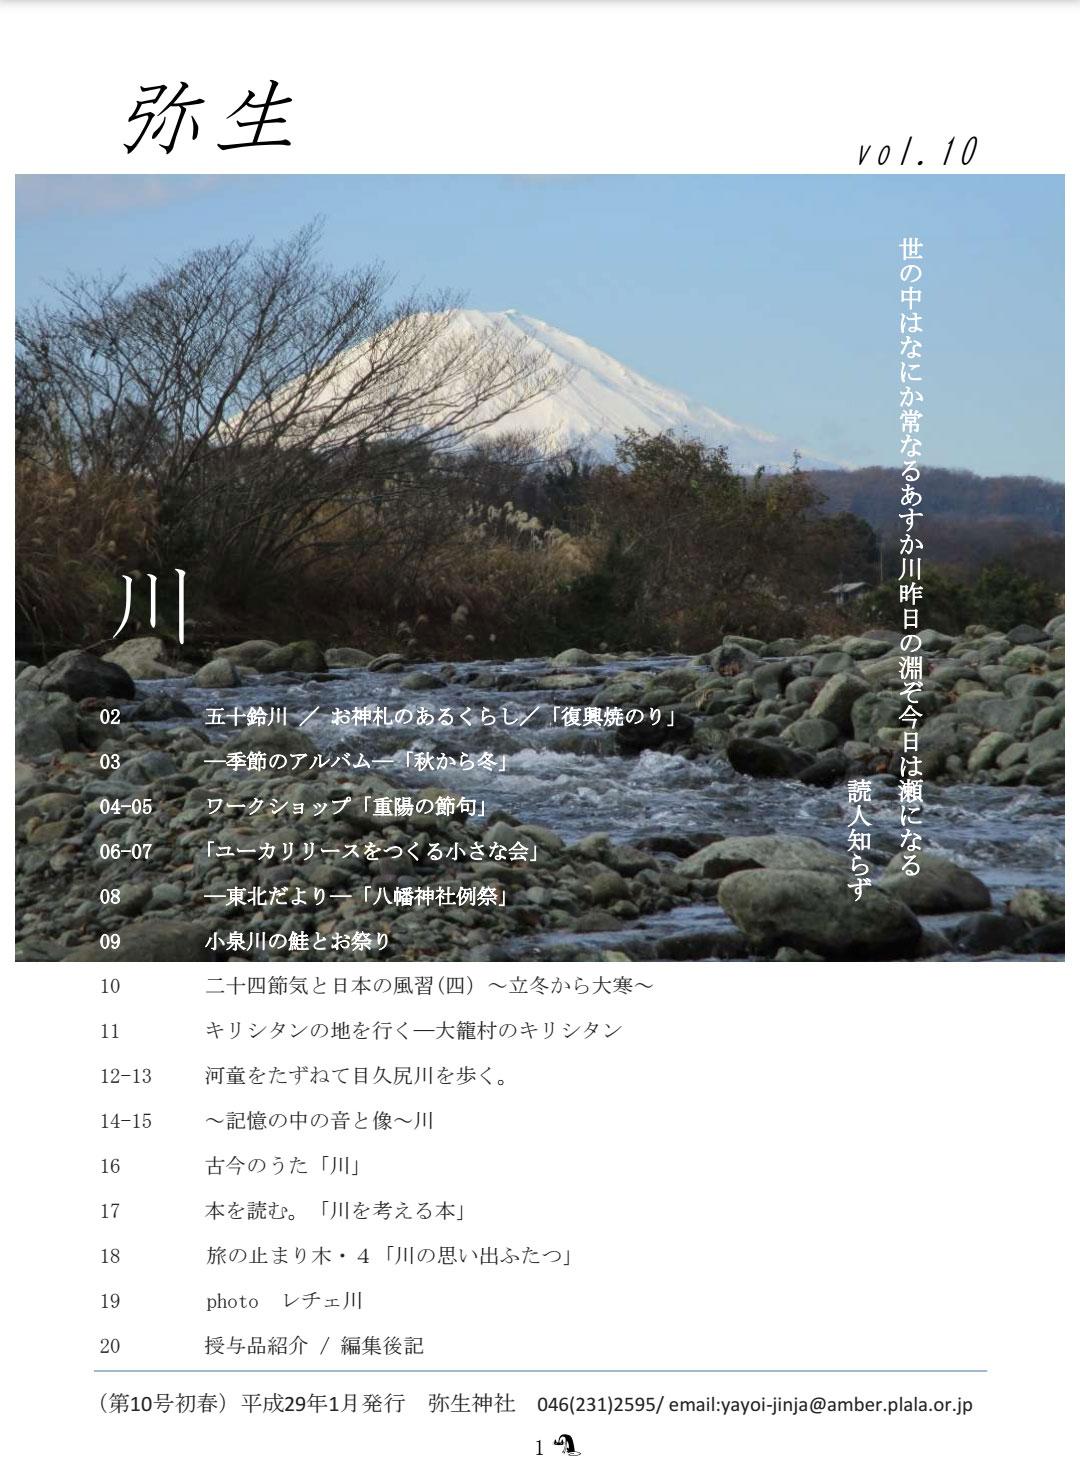 社報「弥生」vol.10